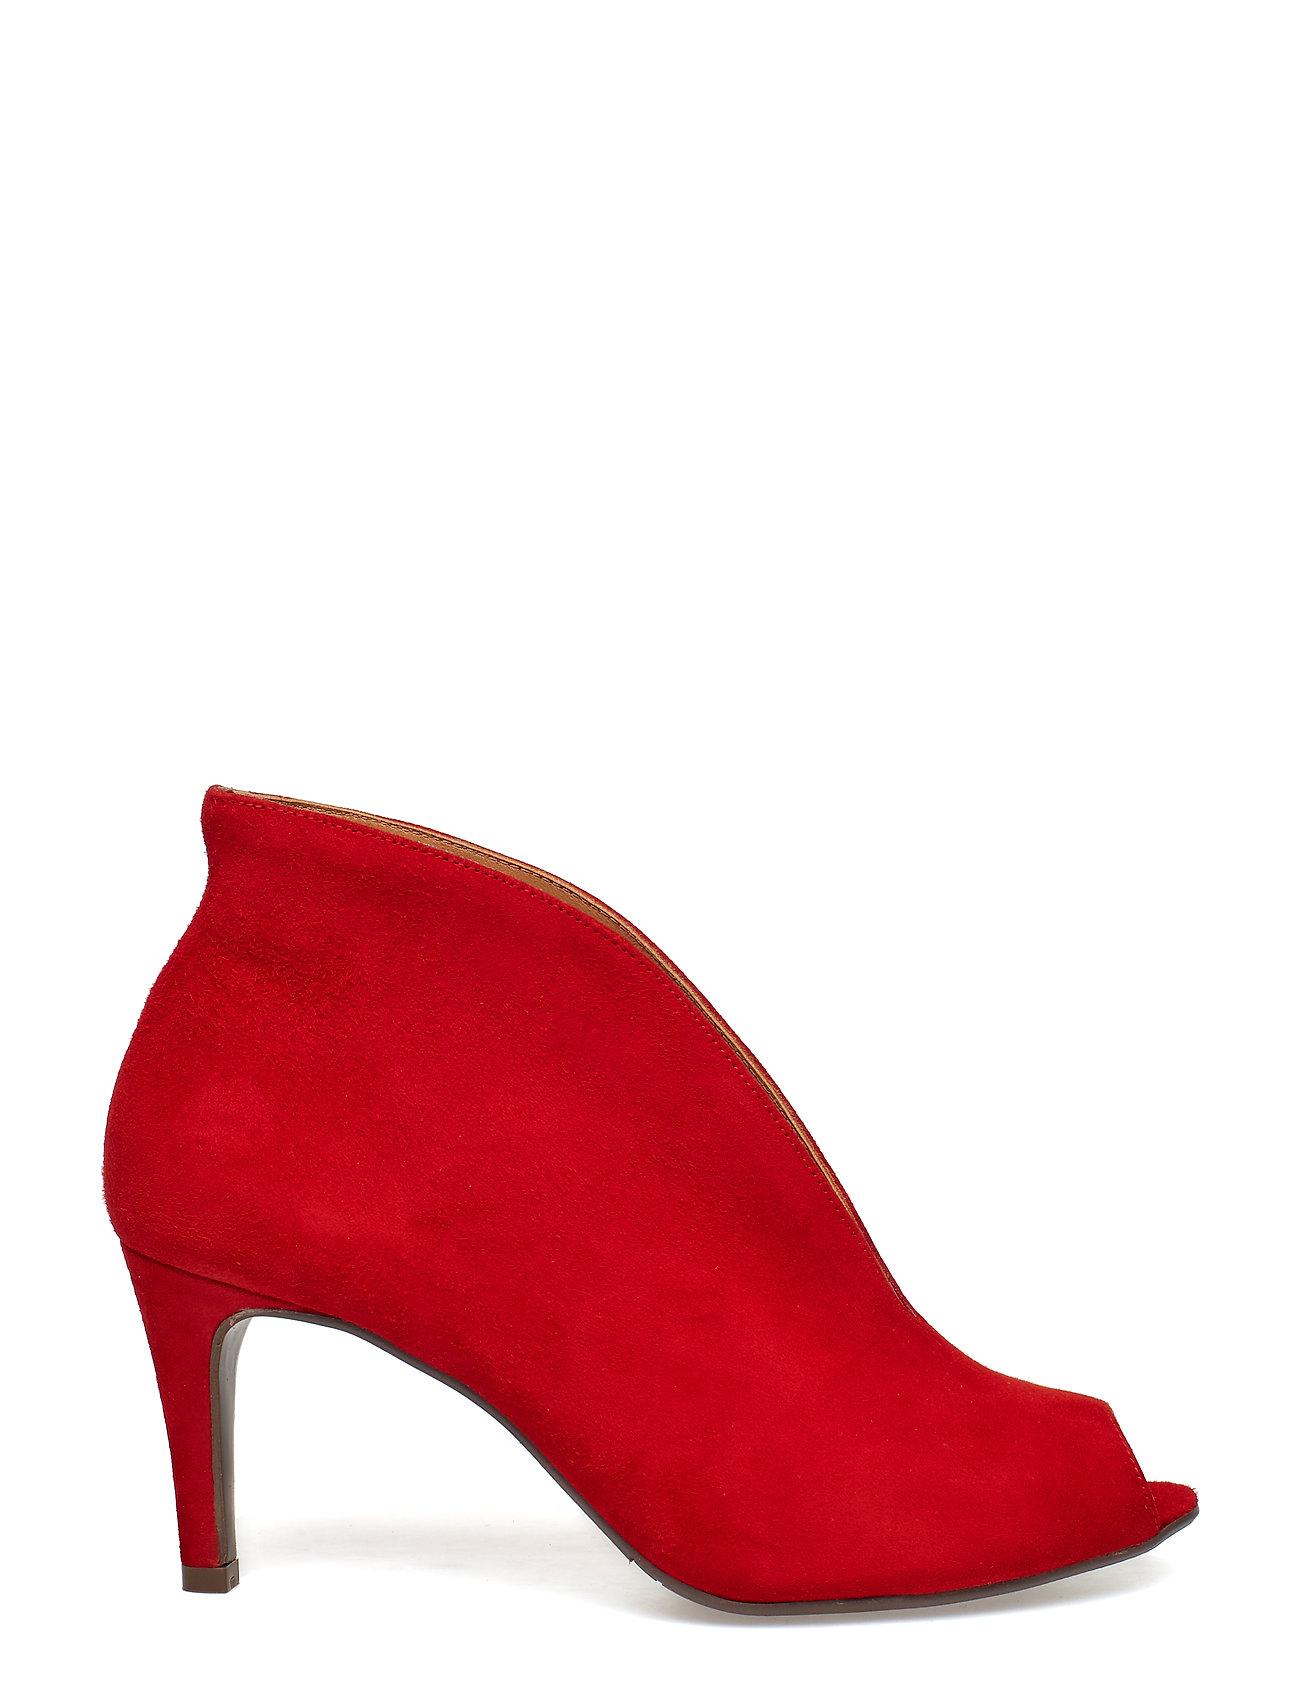 0cd0875da0f Billi Bi pumps – Boots til dame i ROSE INDIANA SUEDE 589 - Pashion.dk